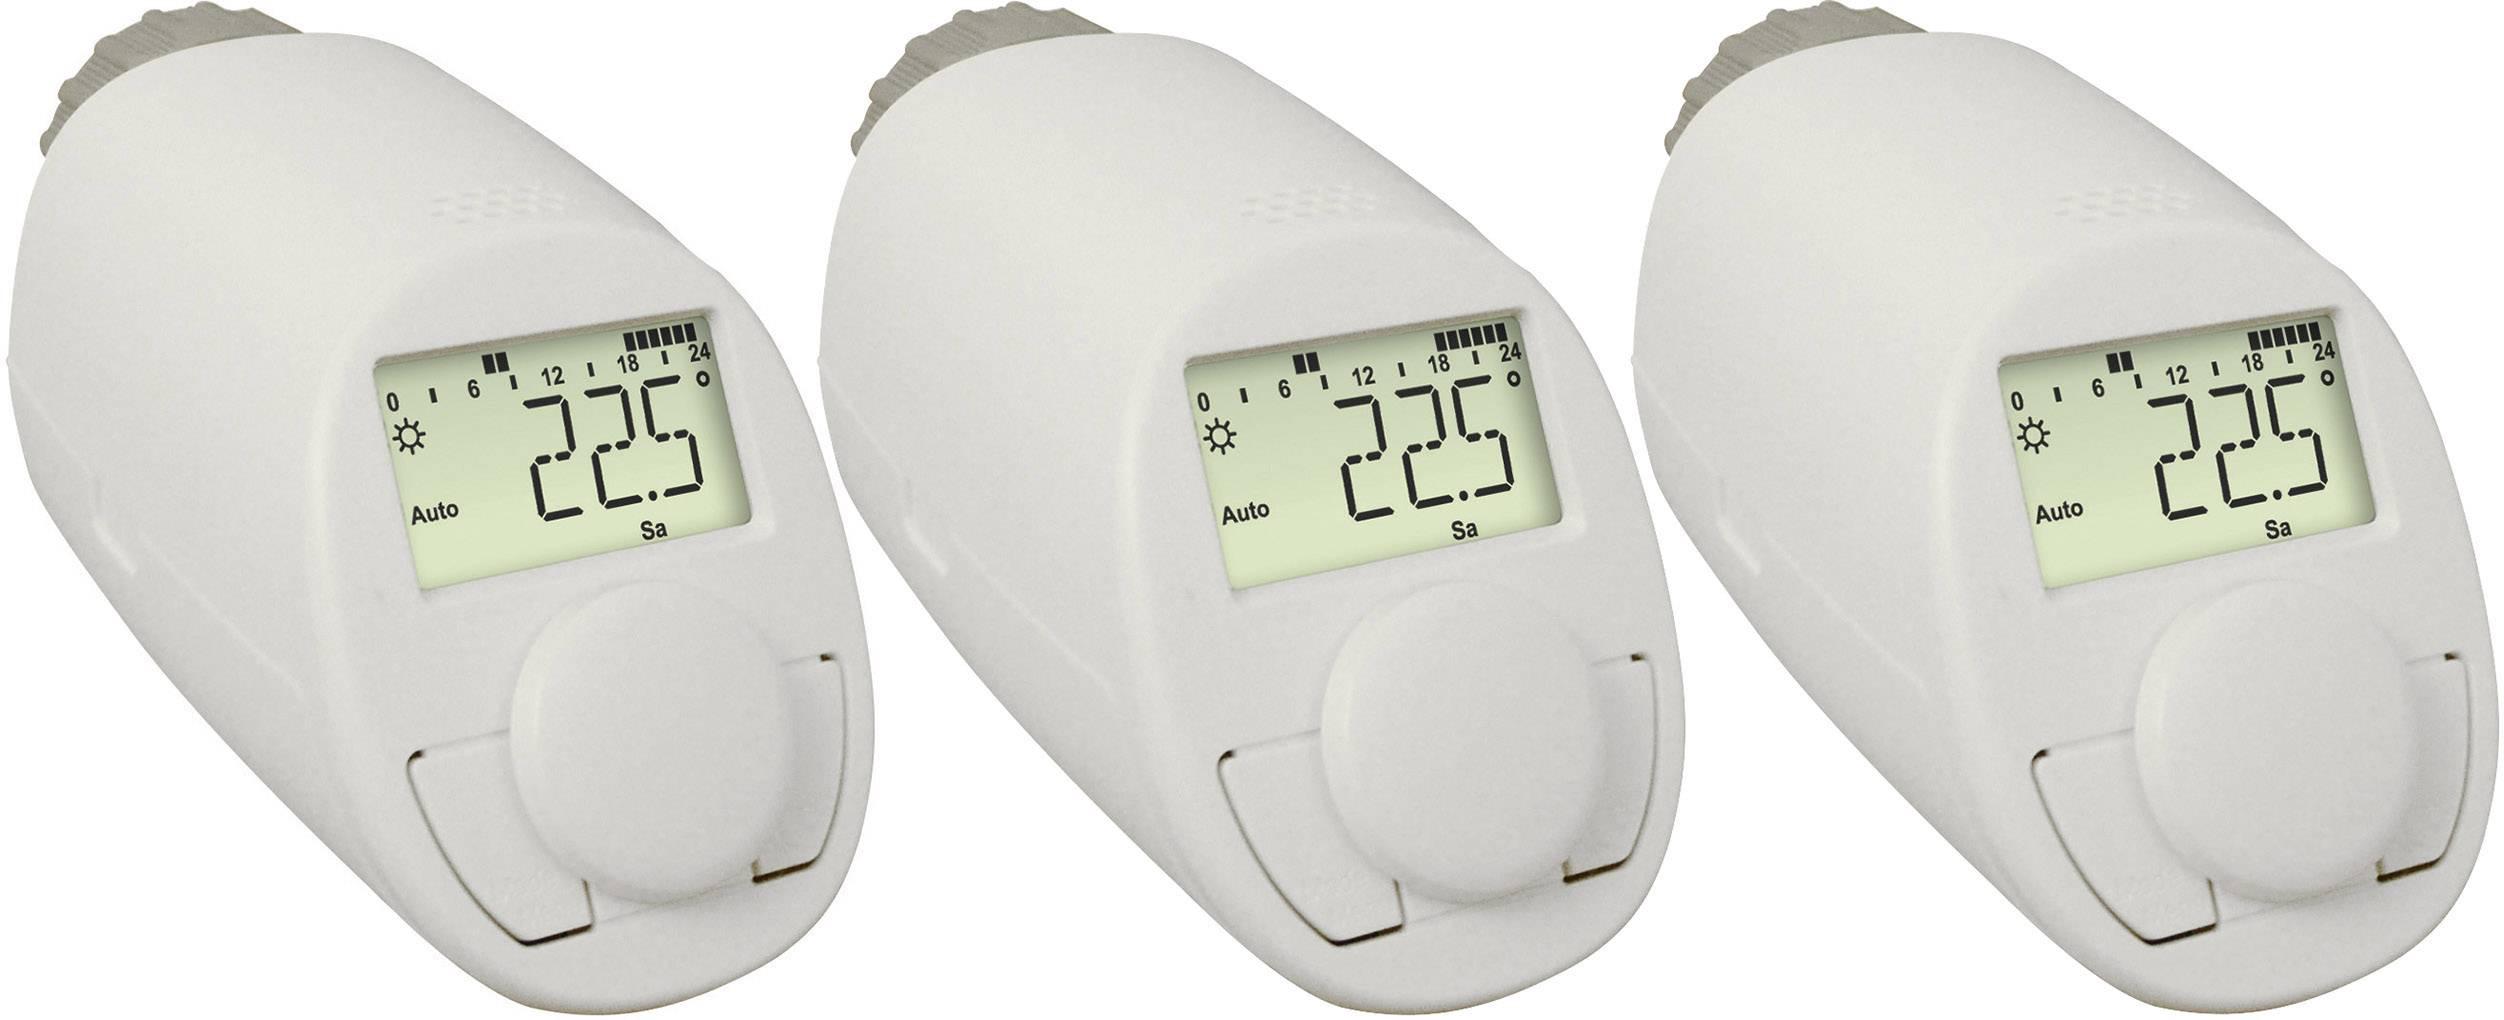 Programovateľná termostatická hlavica eqiva Model N 5 do 29.5 °C, sada 3 ks